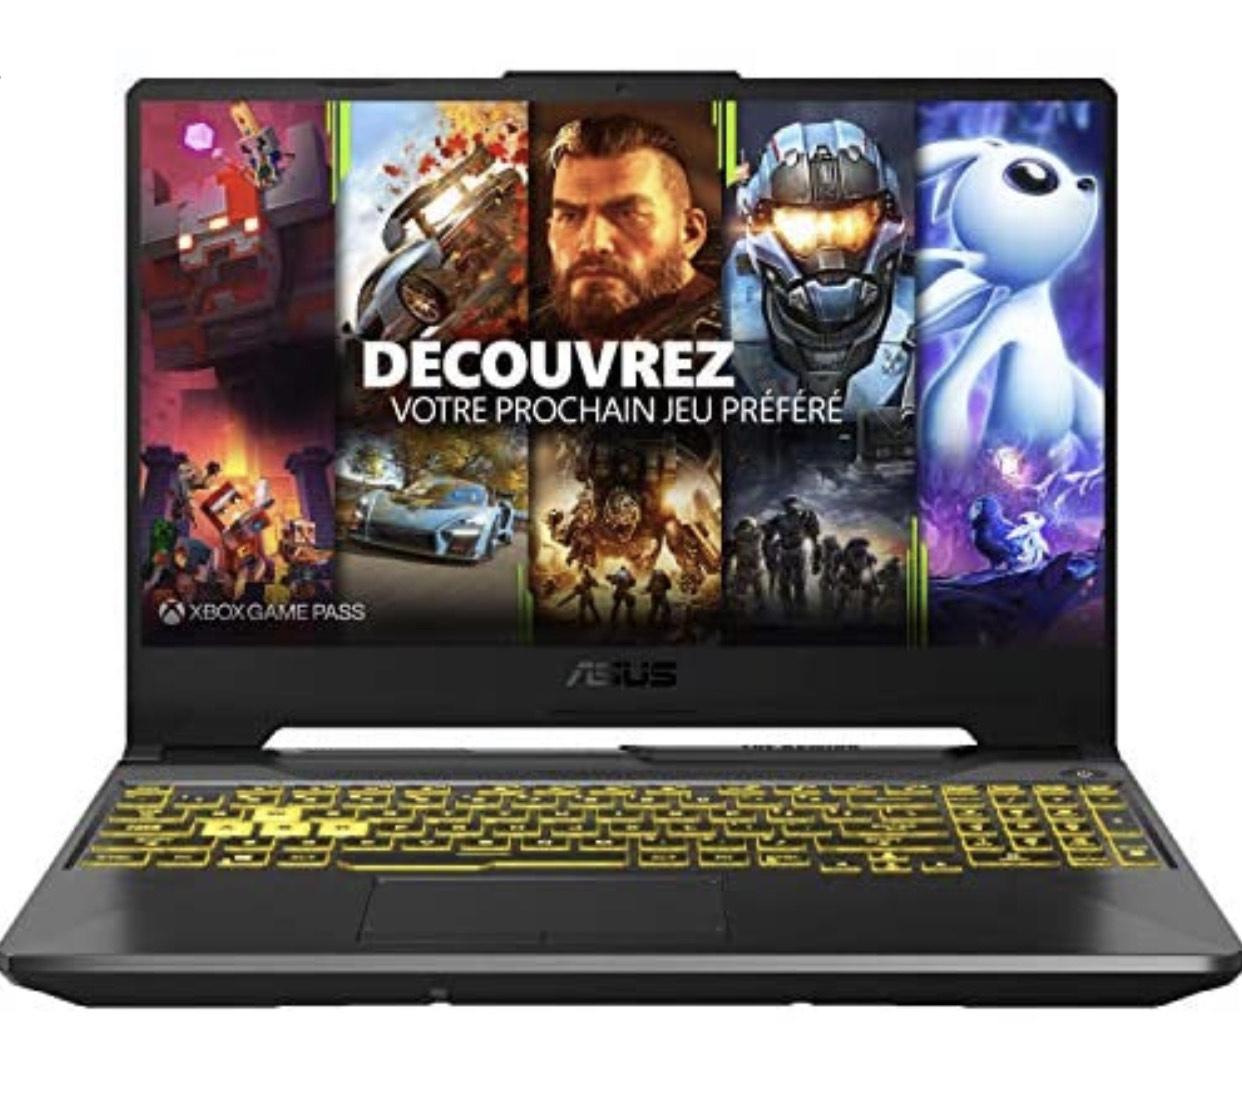 """PC portable 15.6"""" Asus TUF A15-TUF566IU-AL117T - FHD 144 Hz (FreeSync), Ryzen 7 4800H, 16 Go RAM, 512 Go SSD, GeForce GTX 1660 Ti,"""